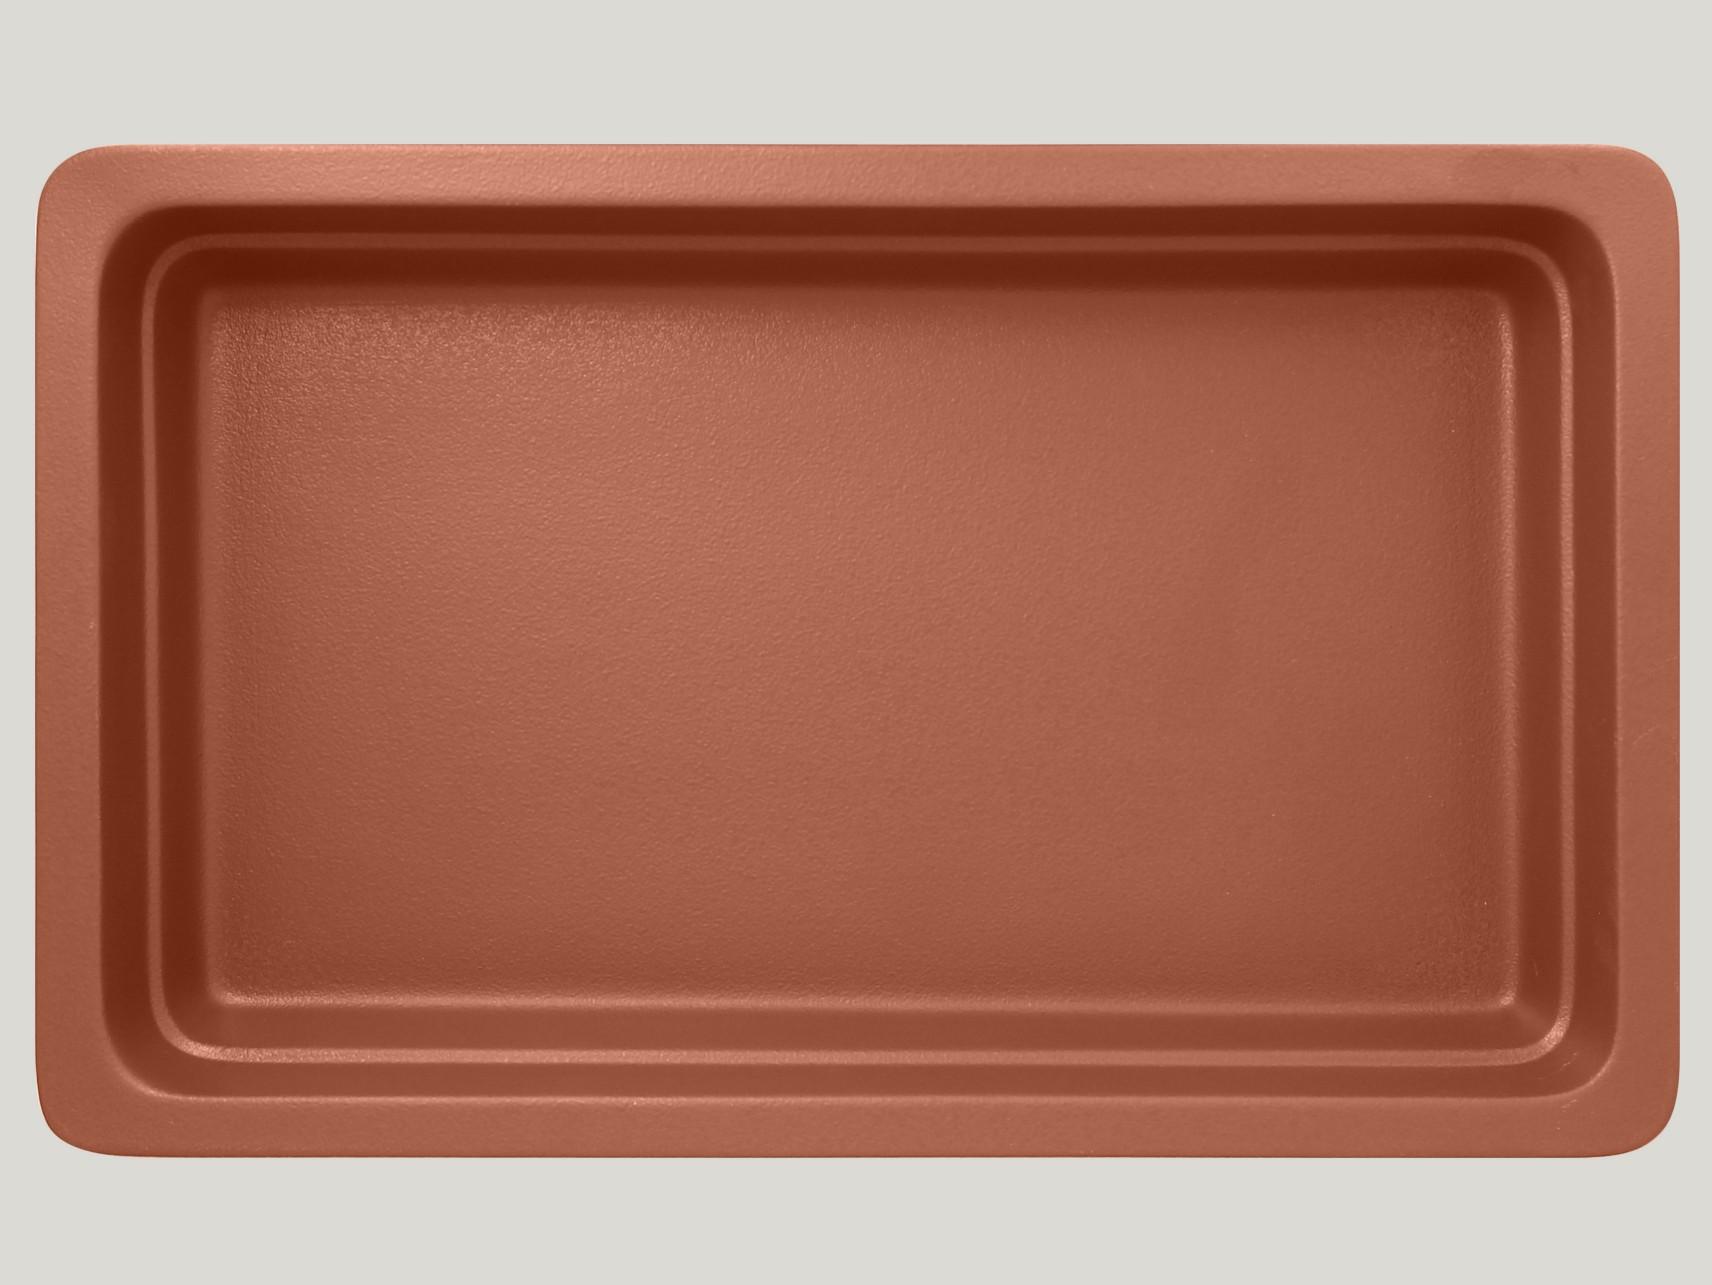 Gastronádoba GN 1/1 065 mm - hnědá